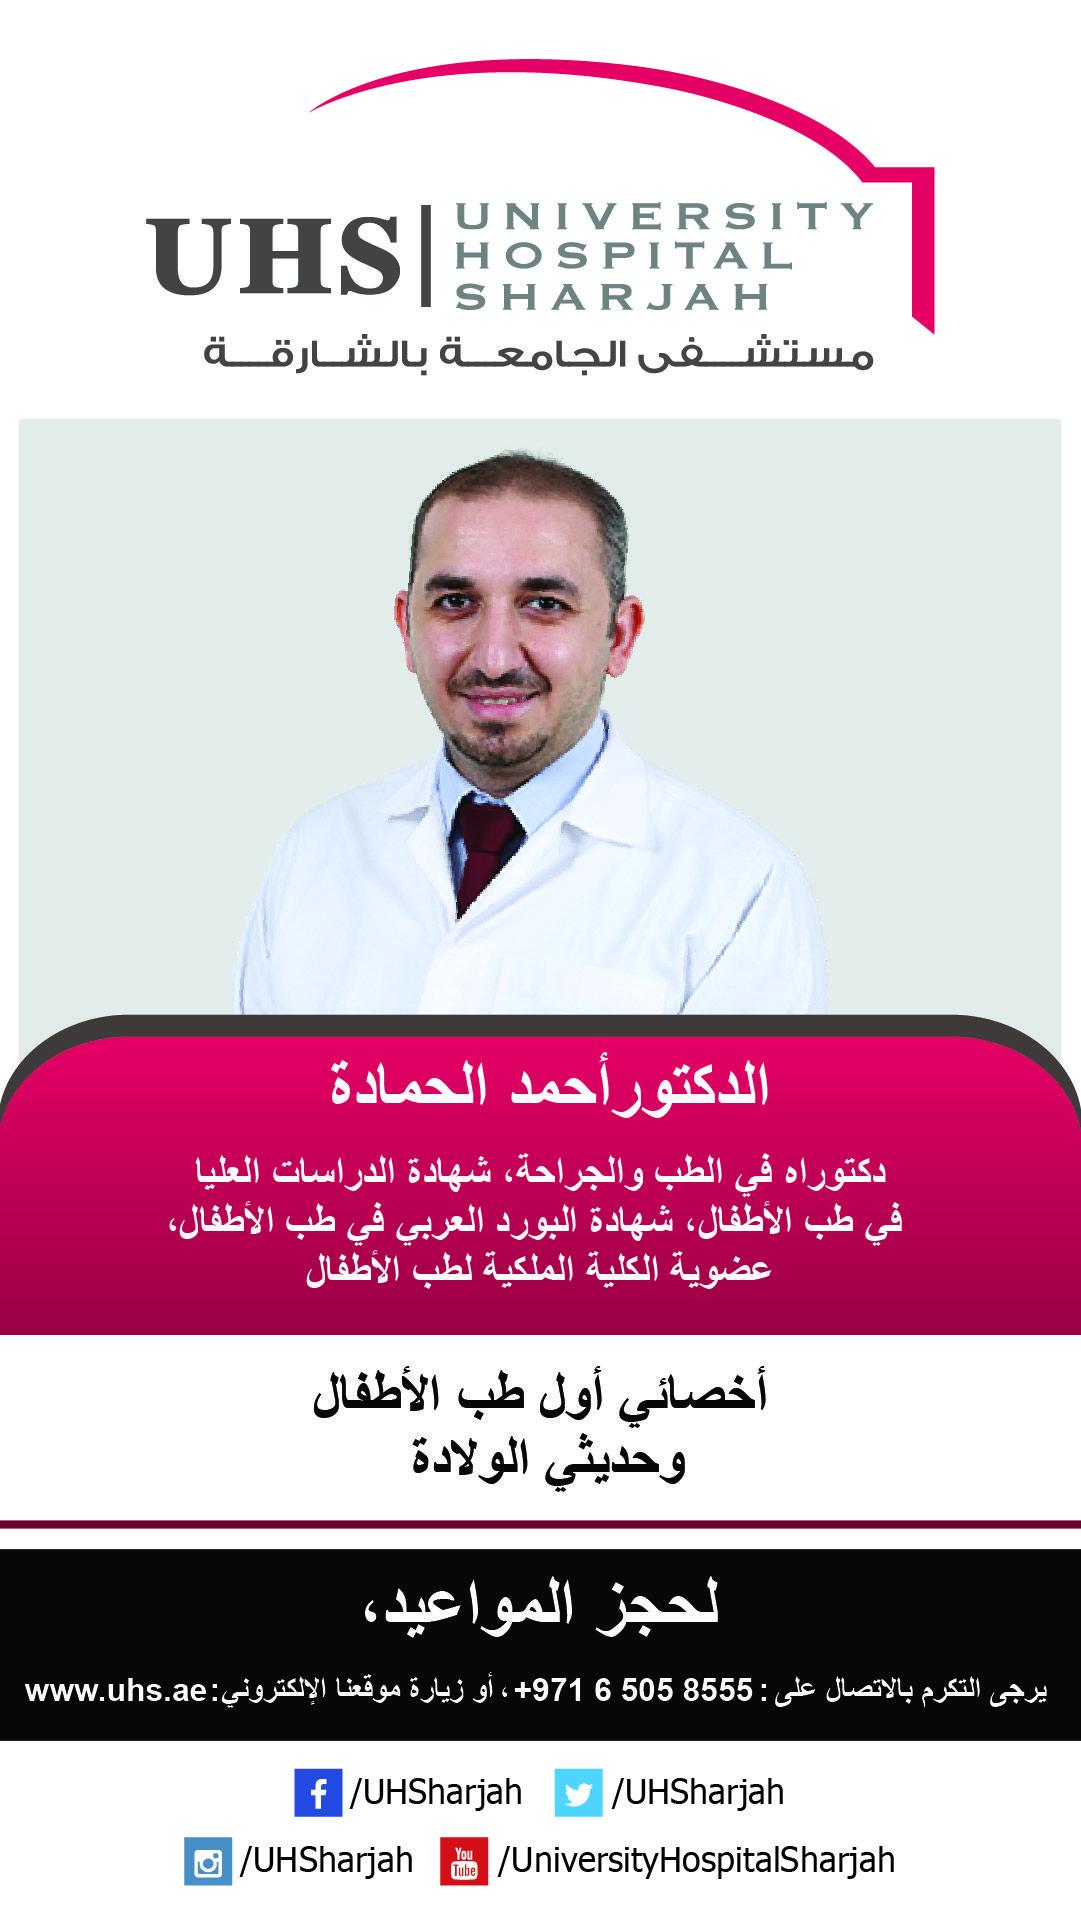 الدكتور أحمد الحمادة أخصائي أول طب الأطفال متخصص في علاج الأطفال الذین یعانون من الحالات الحادة والمزمنة فضل ا عن حالا Testimonials Doctor Pandora Screenshot